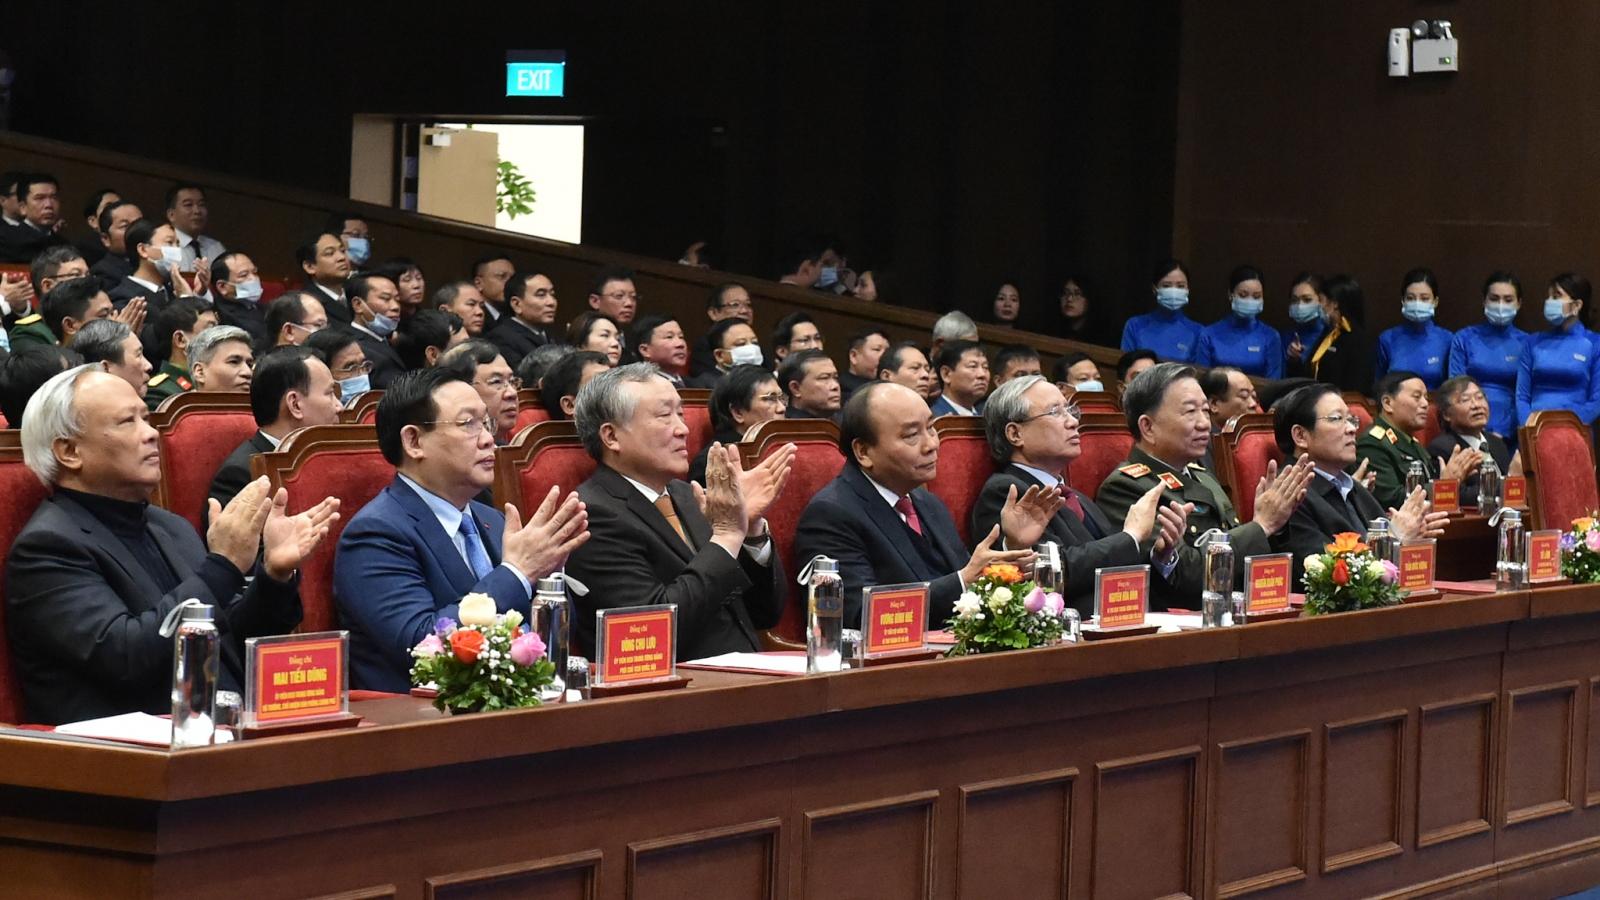 Thủ tướng: Tiếp tục cải cách, đổi mới nền tư pháp theo hướng tiên tiến, hiện đại